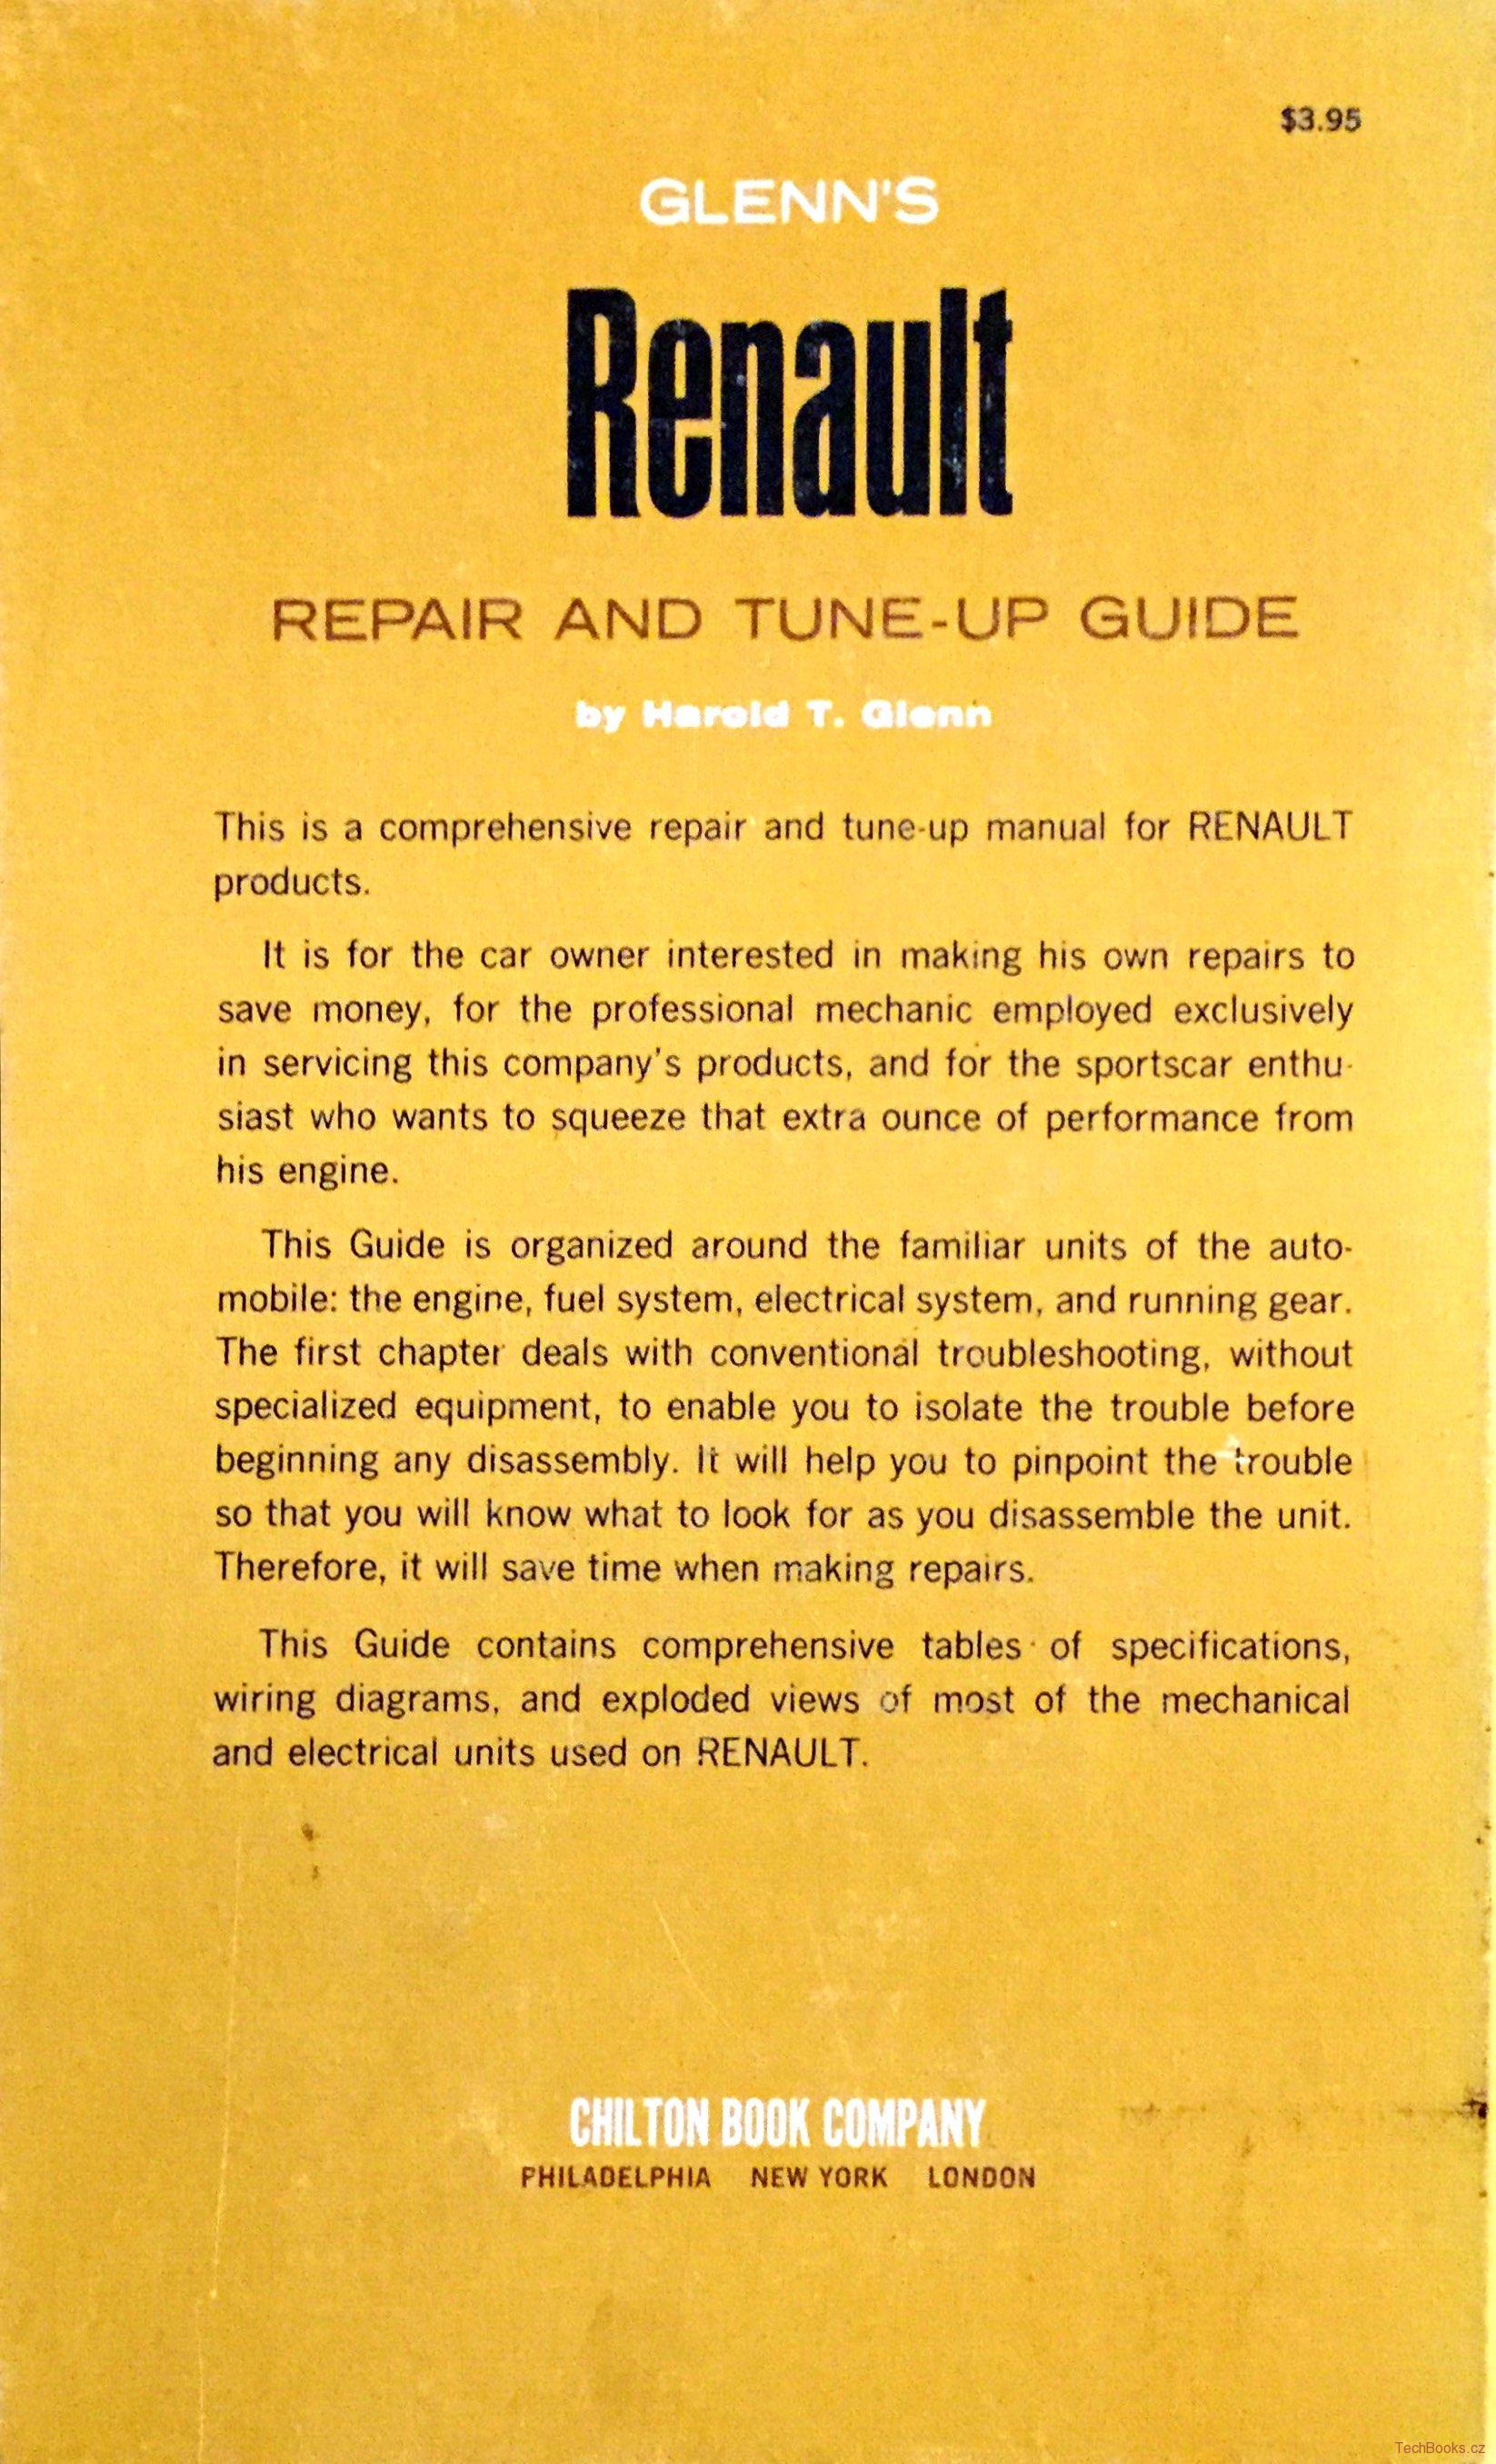 renault 4 cv    dauphine    gordini    carevelle    r8  47